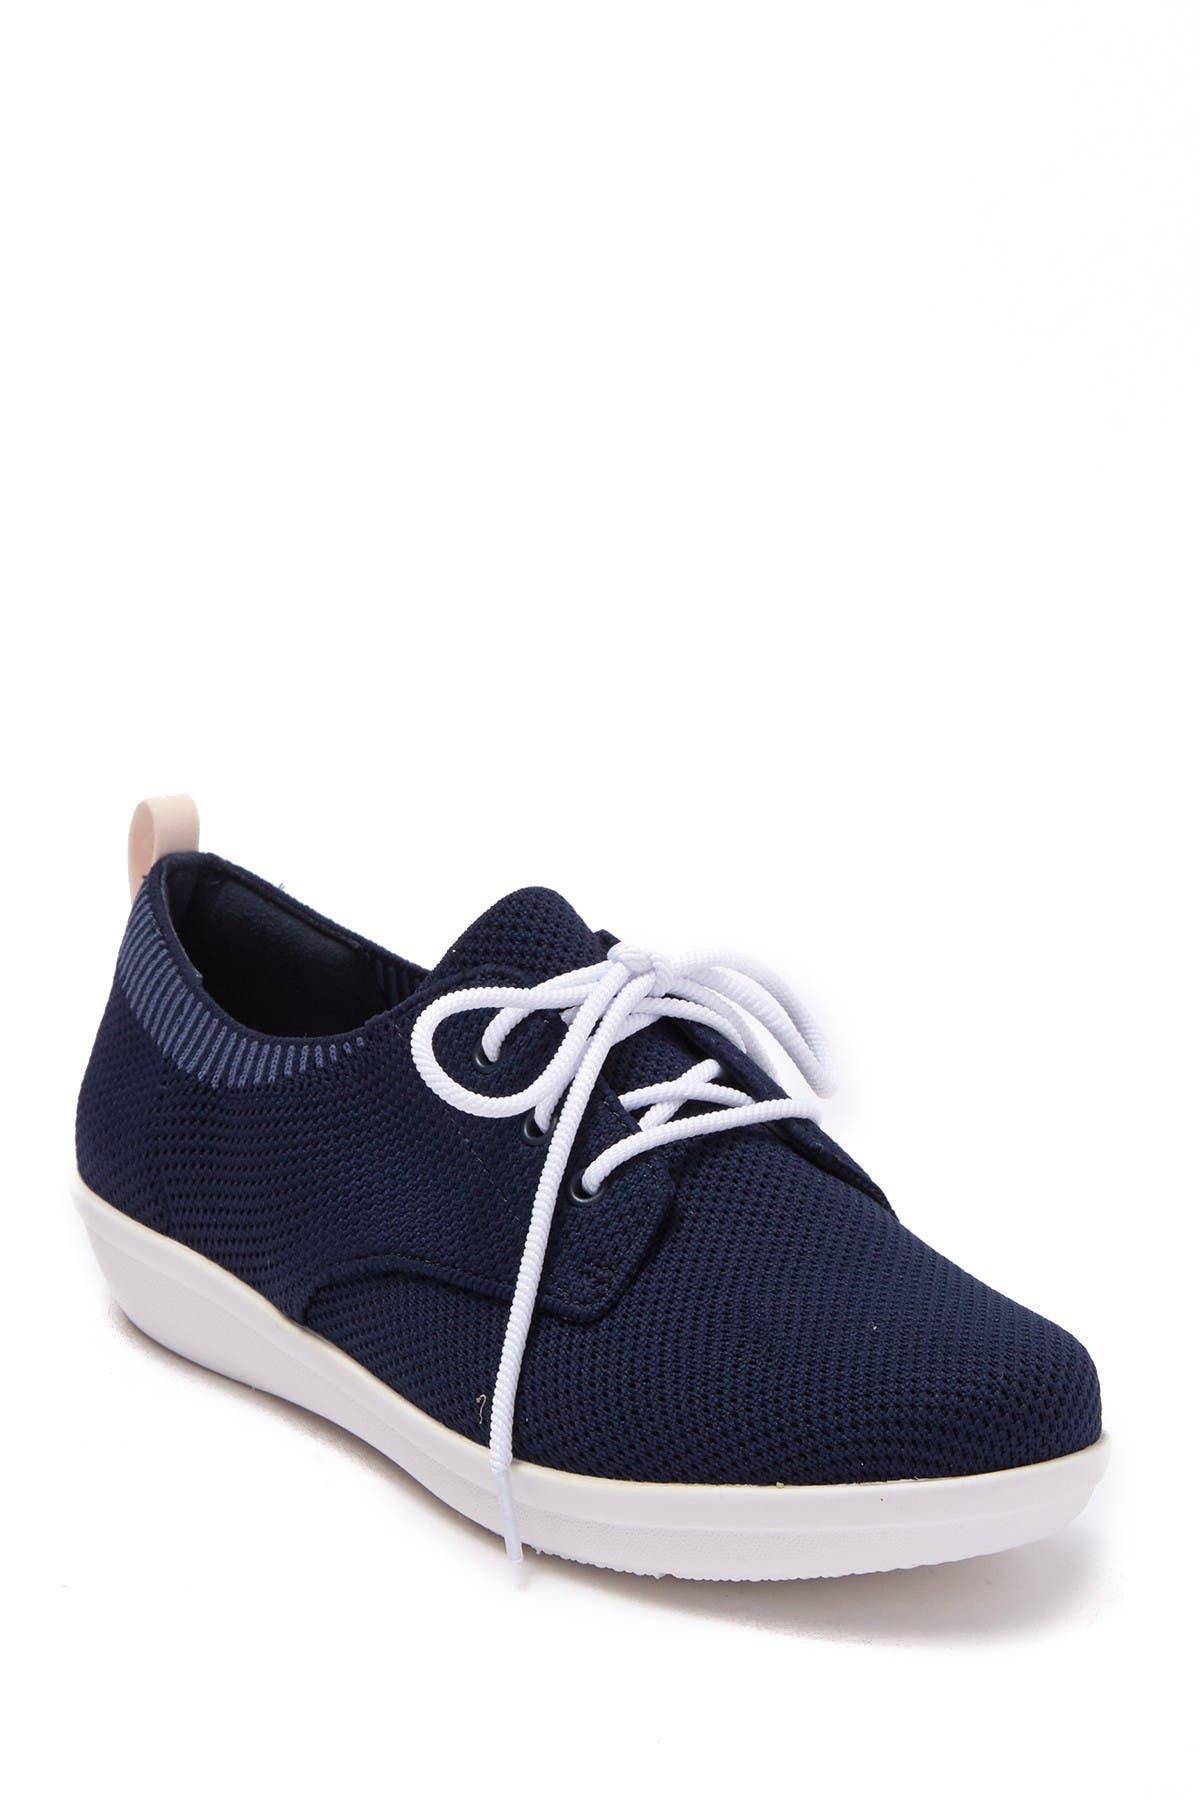 Clarks | Ayla Reece Knit Sneaker